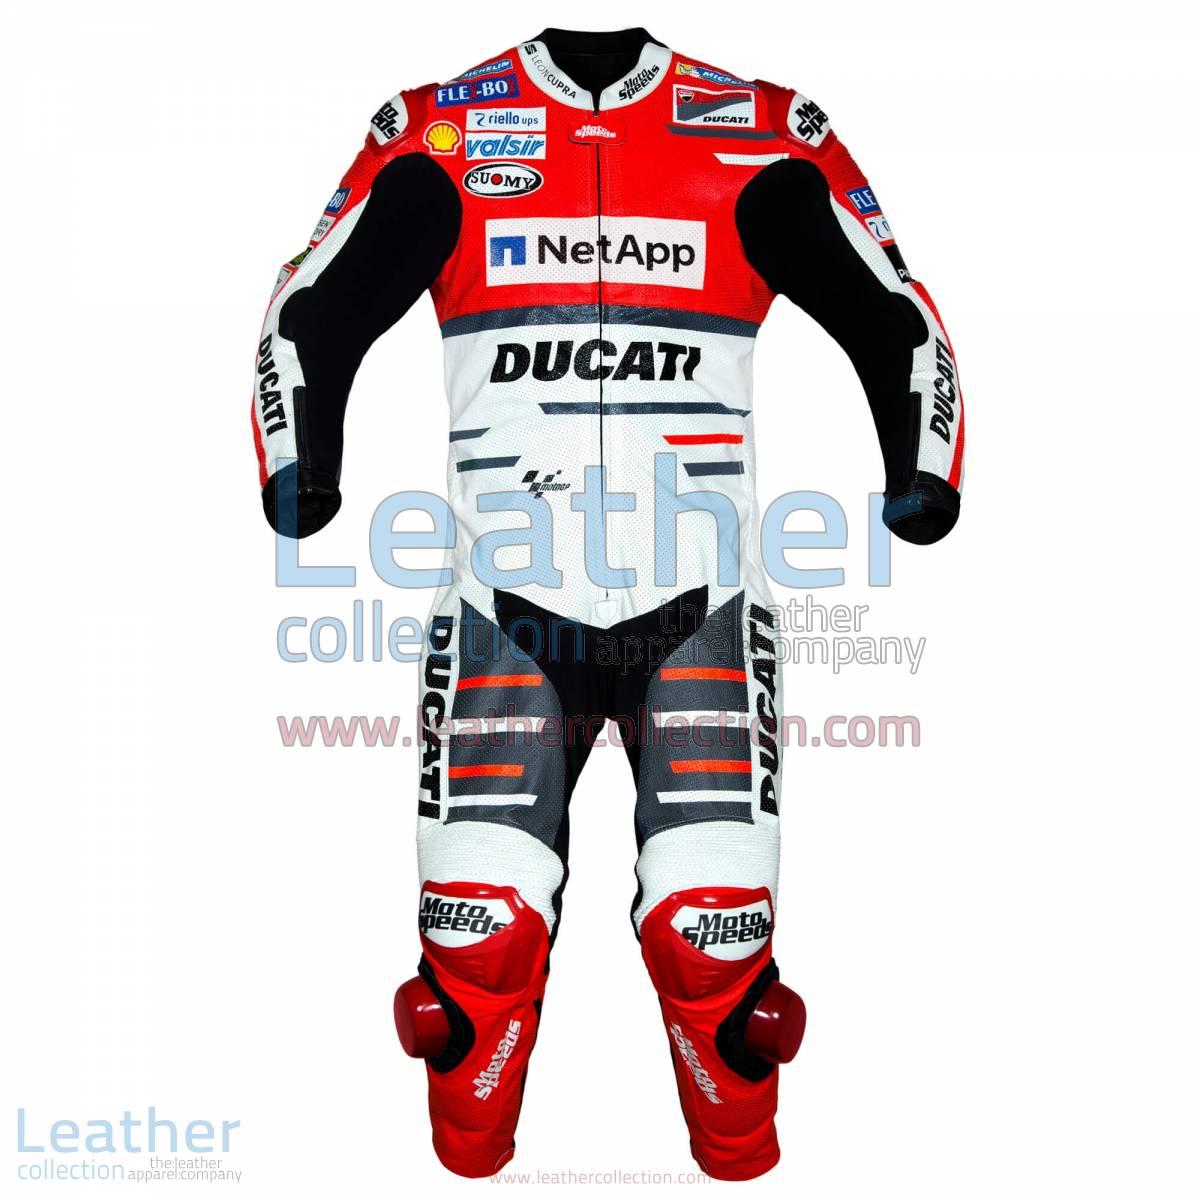 Andrea Dovizioso Ducati MotoGP 2018 Leather Suit | Andrea Dovizioso Ducati MotoGP 2018 Leather Suit